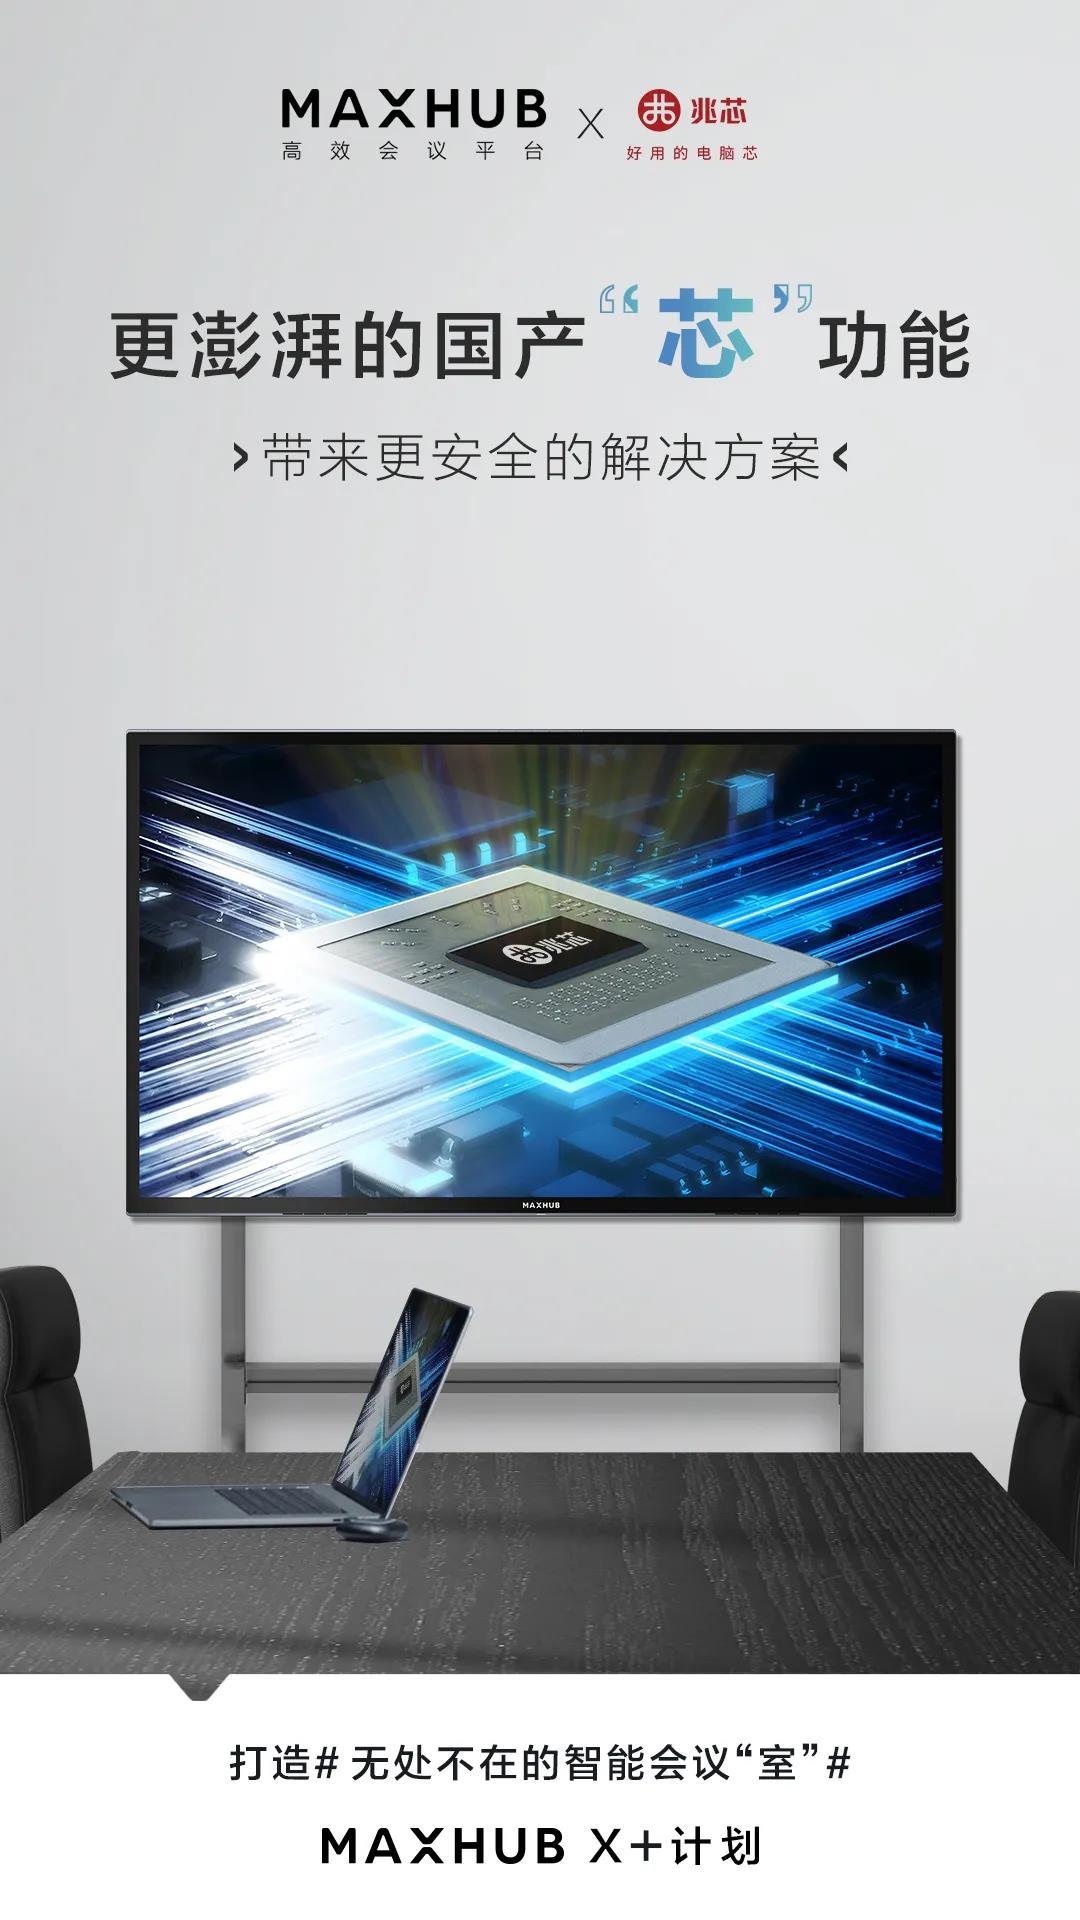 MAXHUB发布基于兆芯CPU的智慧平板 深度合作推动数字会议新形态